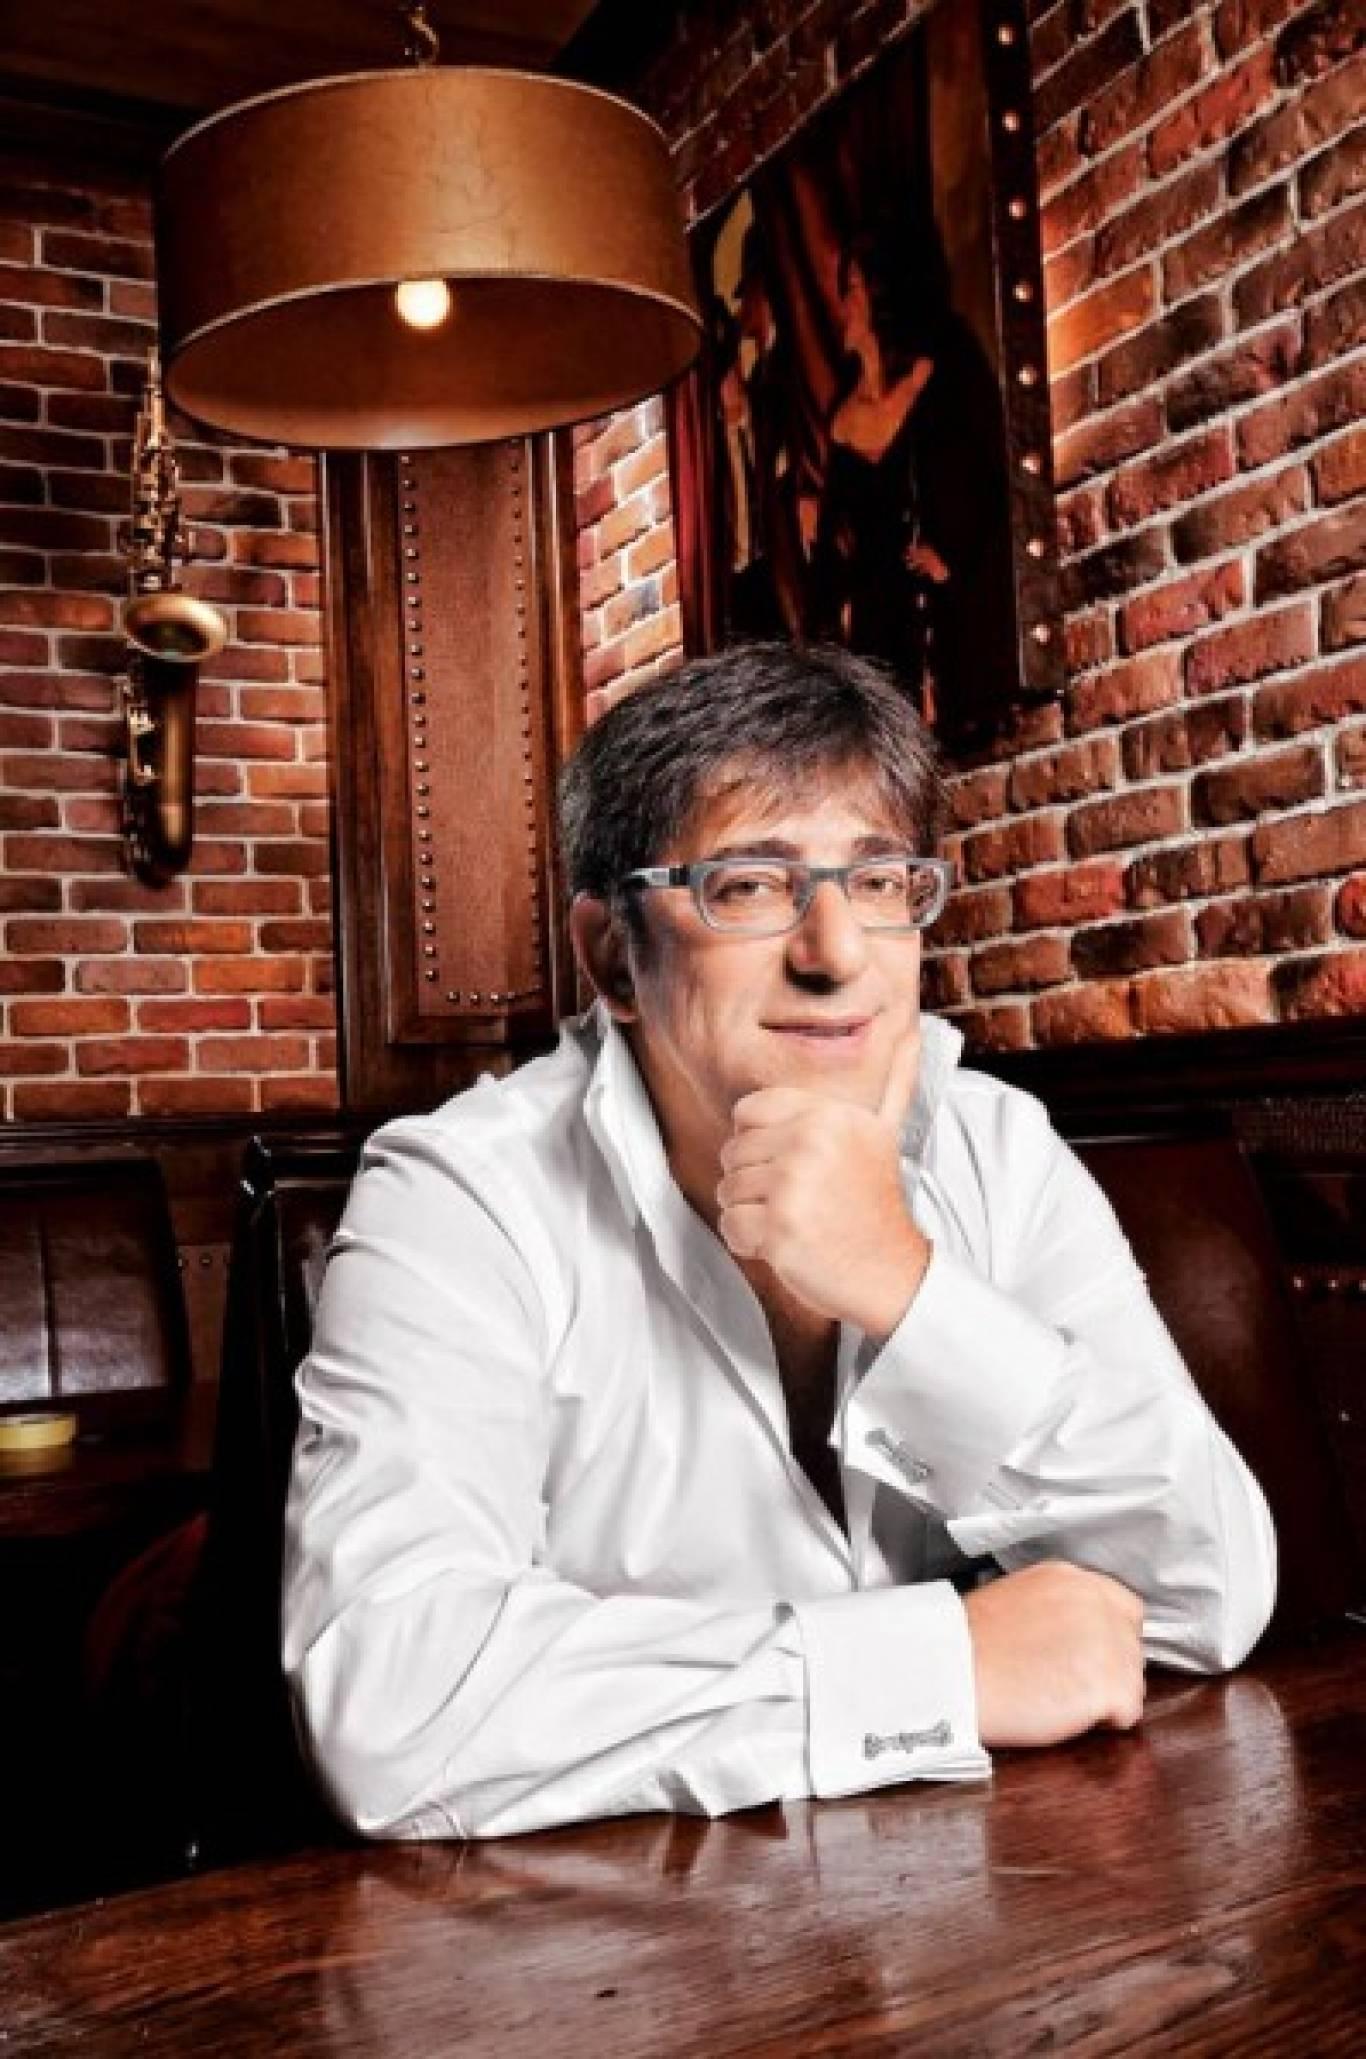 Гарик Корогодський стане барменом в кав'ярні-гастрономі Kartata Potata